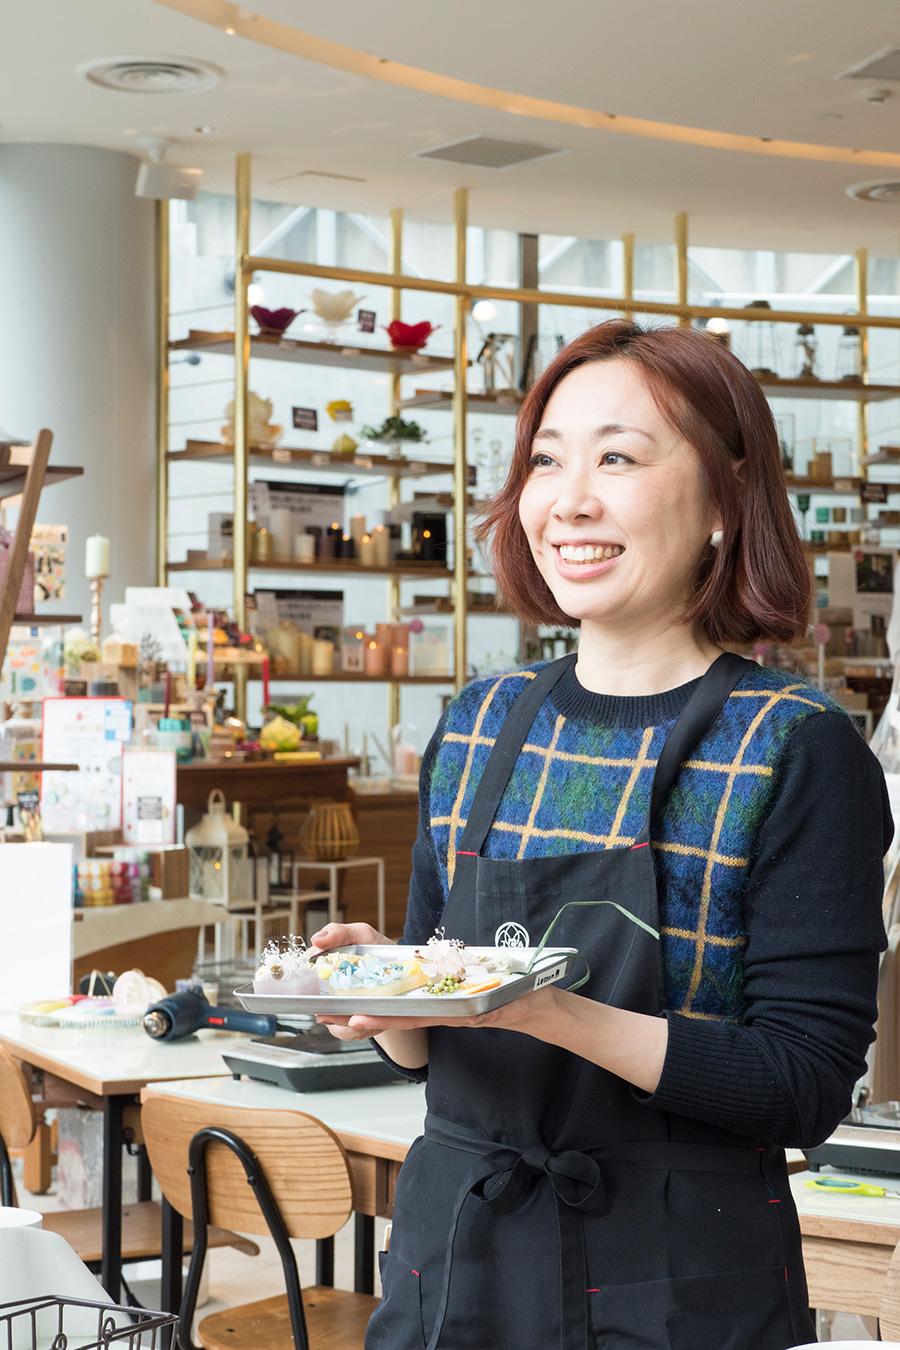 JCA Candle Studio本校講師の高橋美智子さん。上手につくるポイントを分かりやすく解説してくれる。